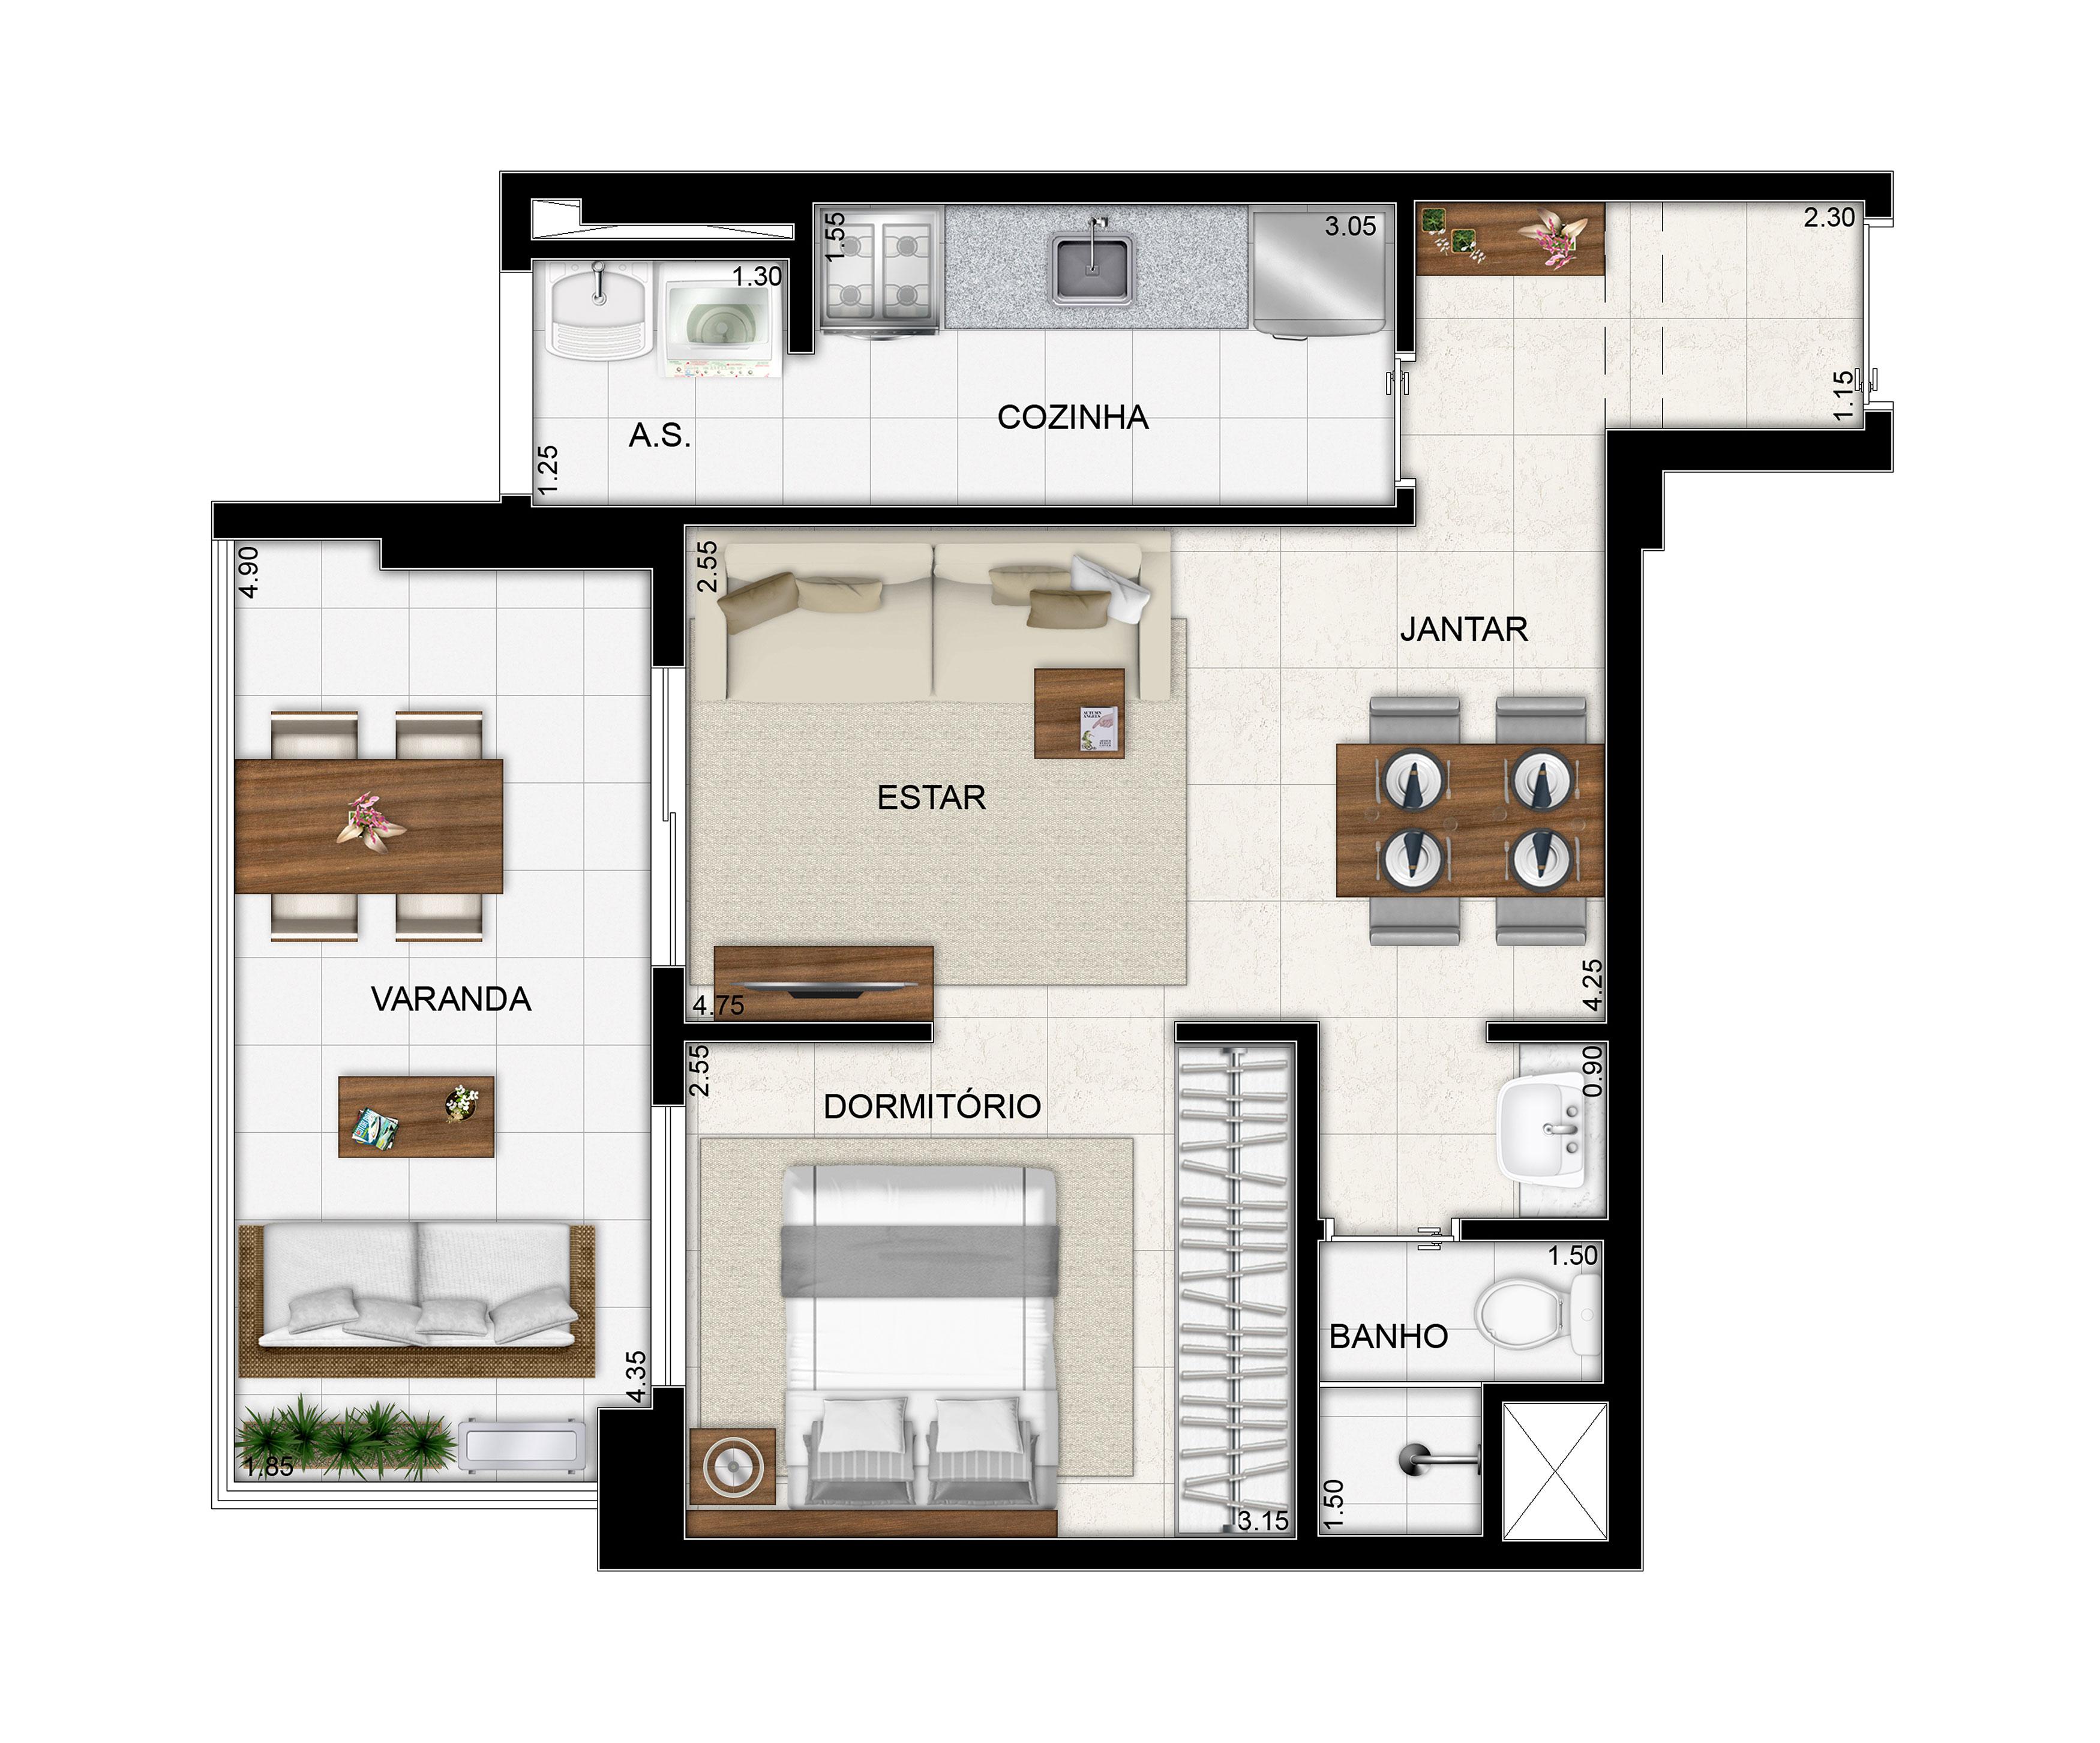 51,44 m² - 1 dorm - Planta opcional